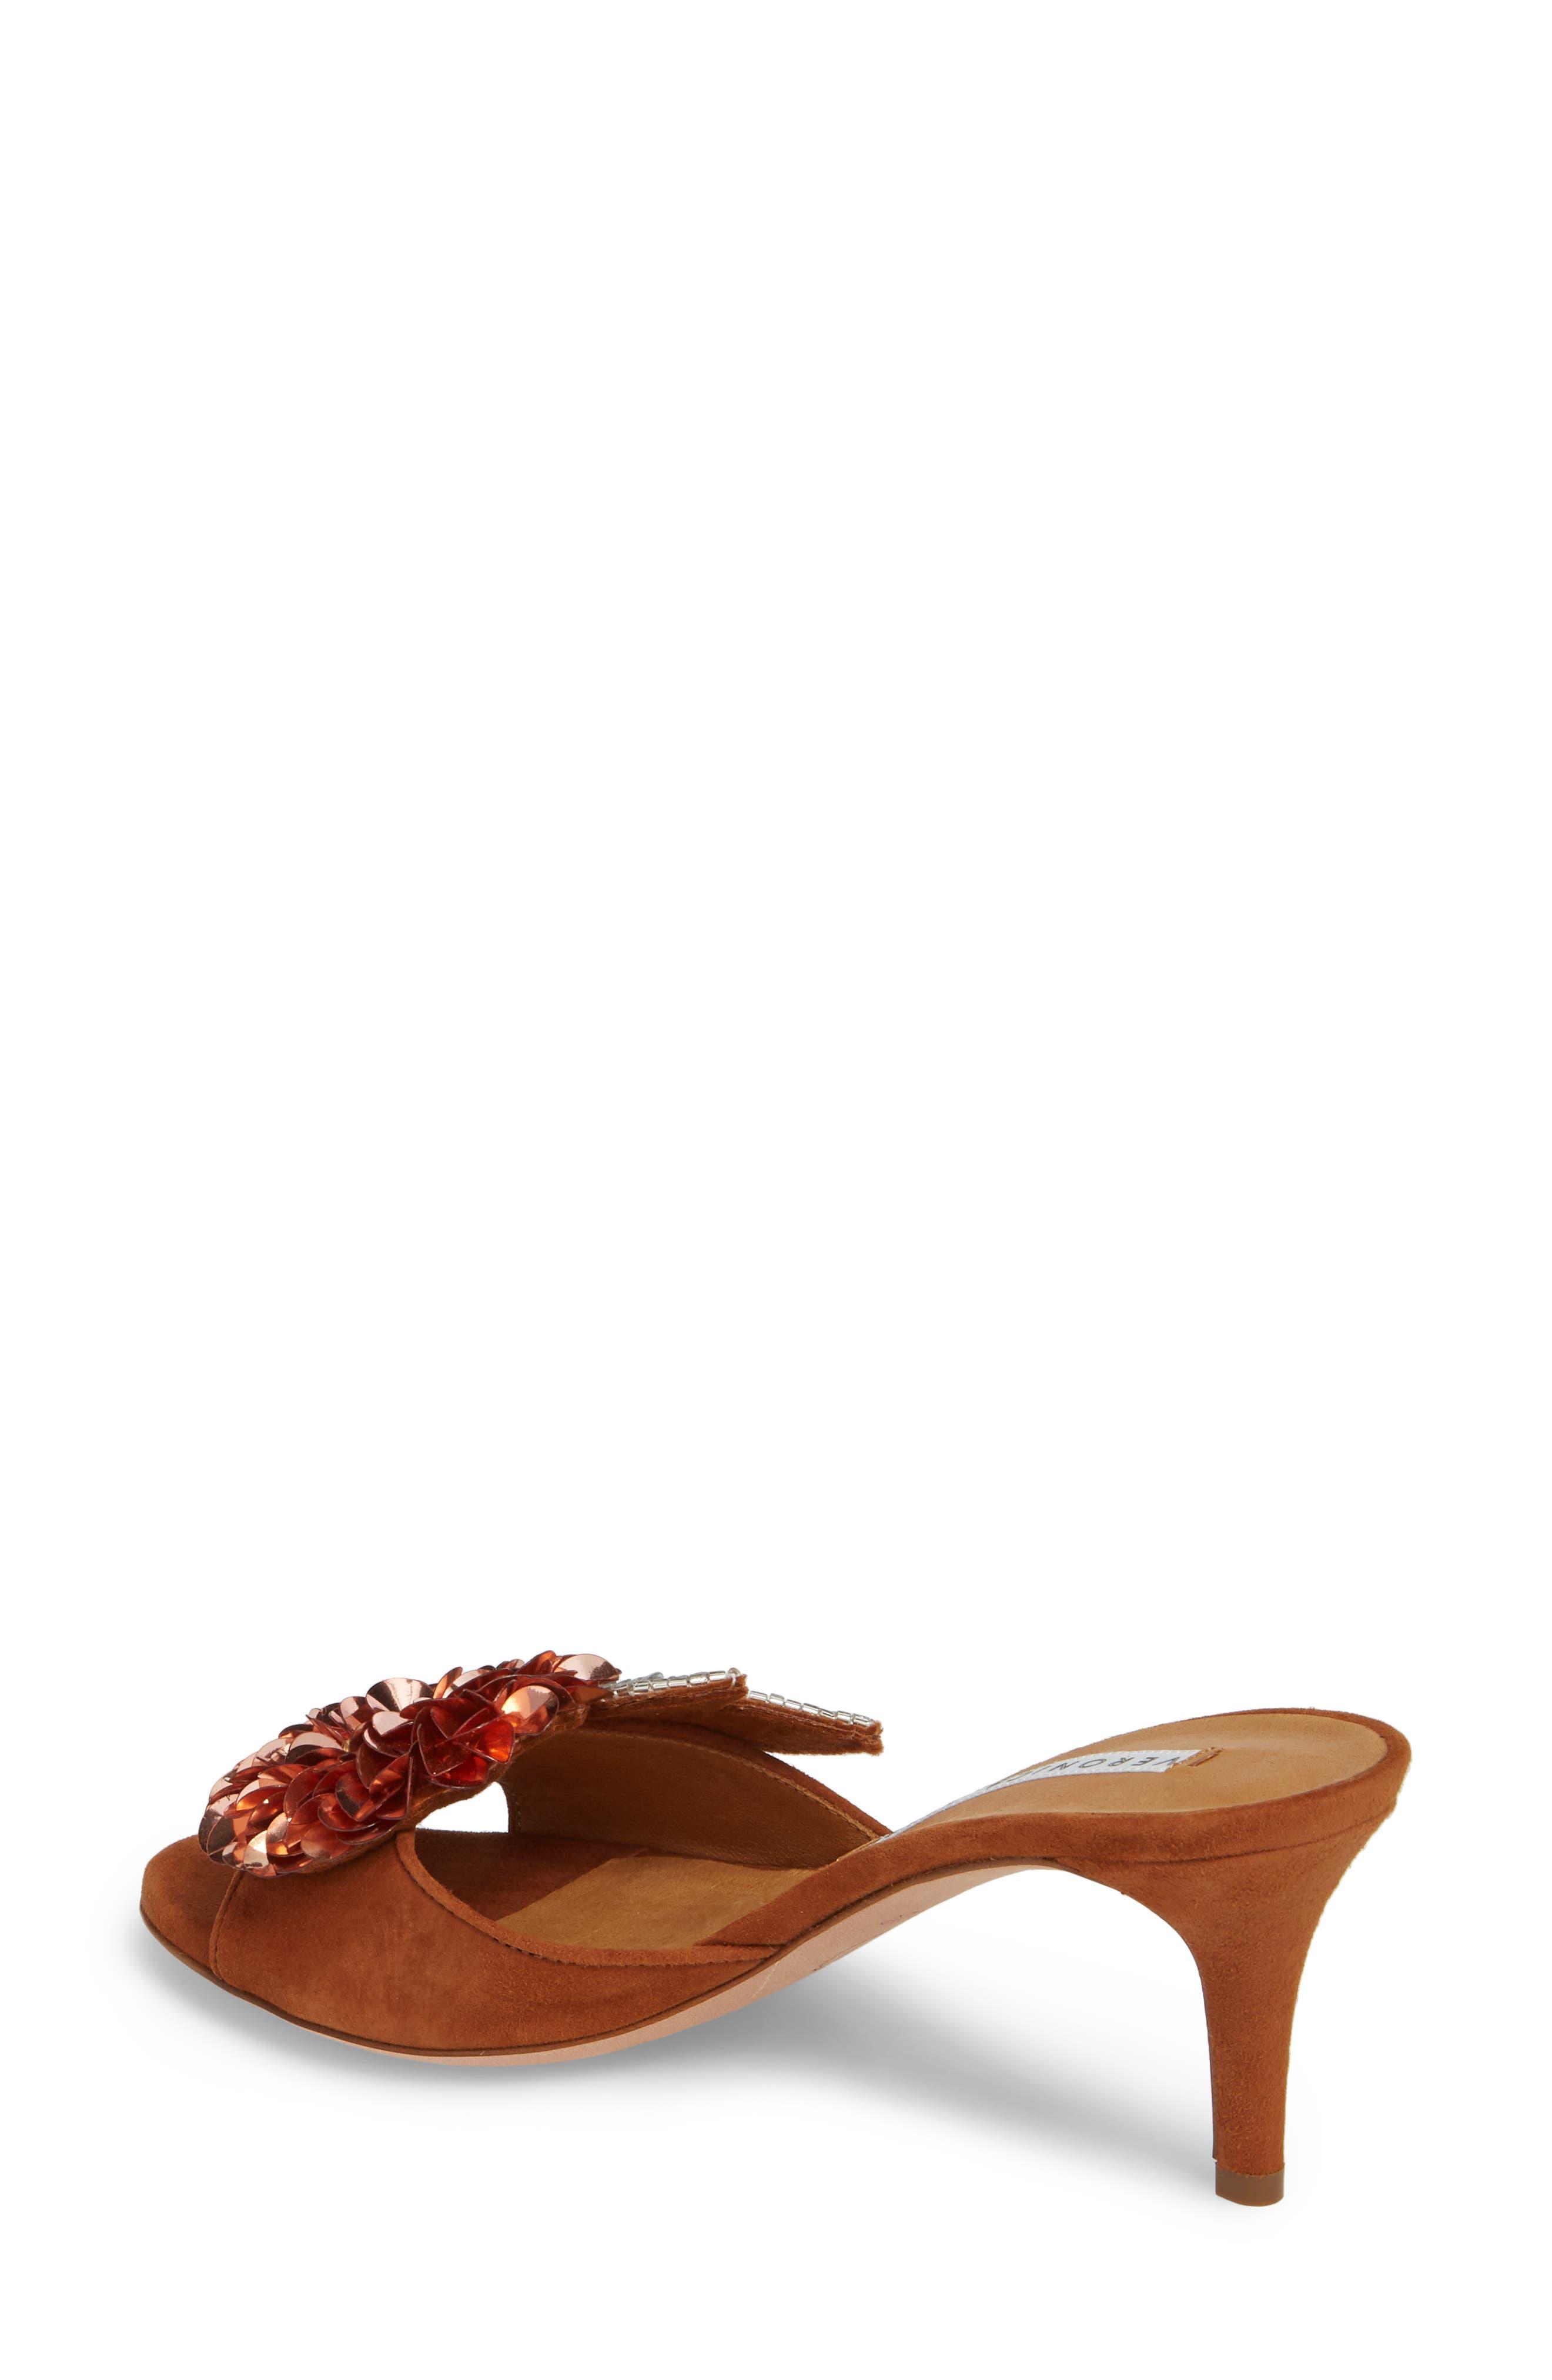 Nev Embellished Slide Sandal,                             Alternate thumbnail 2, color,                             Cognac